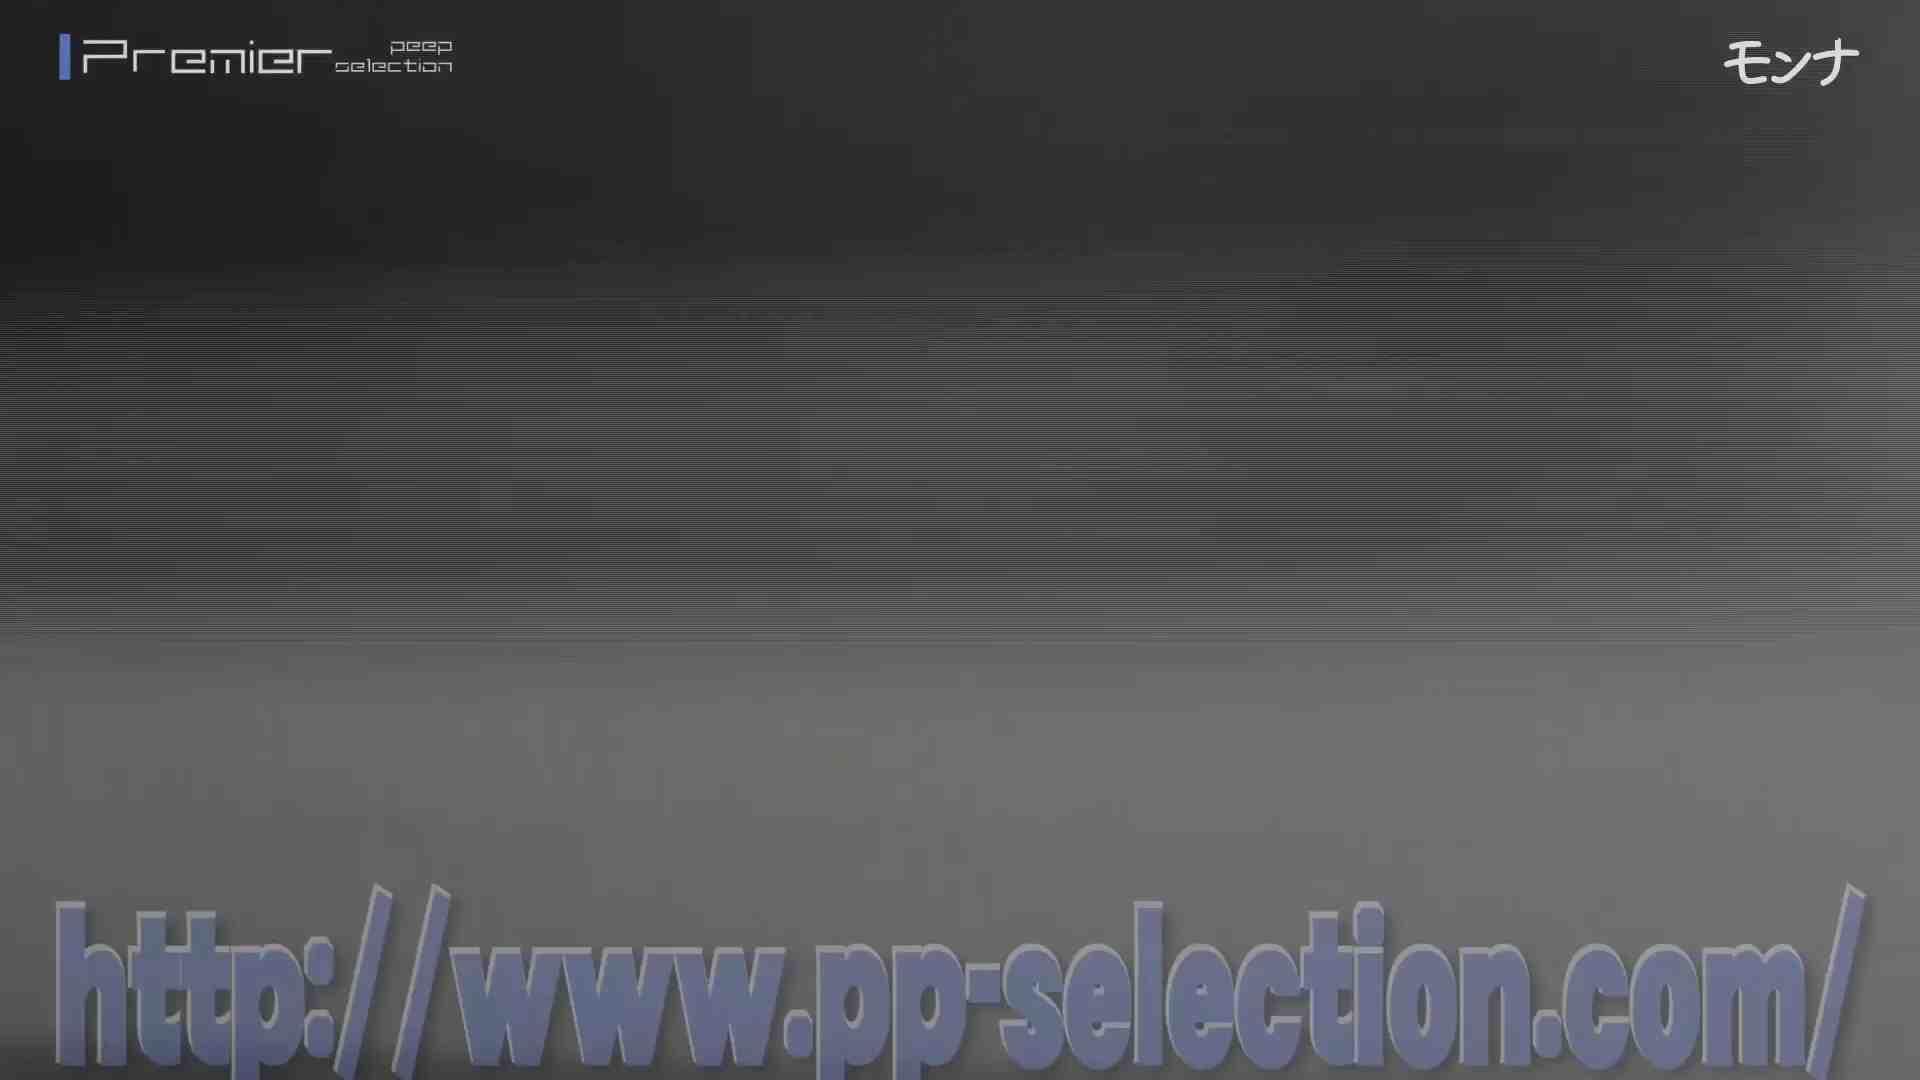 ヤリマンのオマンコ:美しい日本の未来 No.58 【無料サンプル】:怪盗ジョーカー